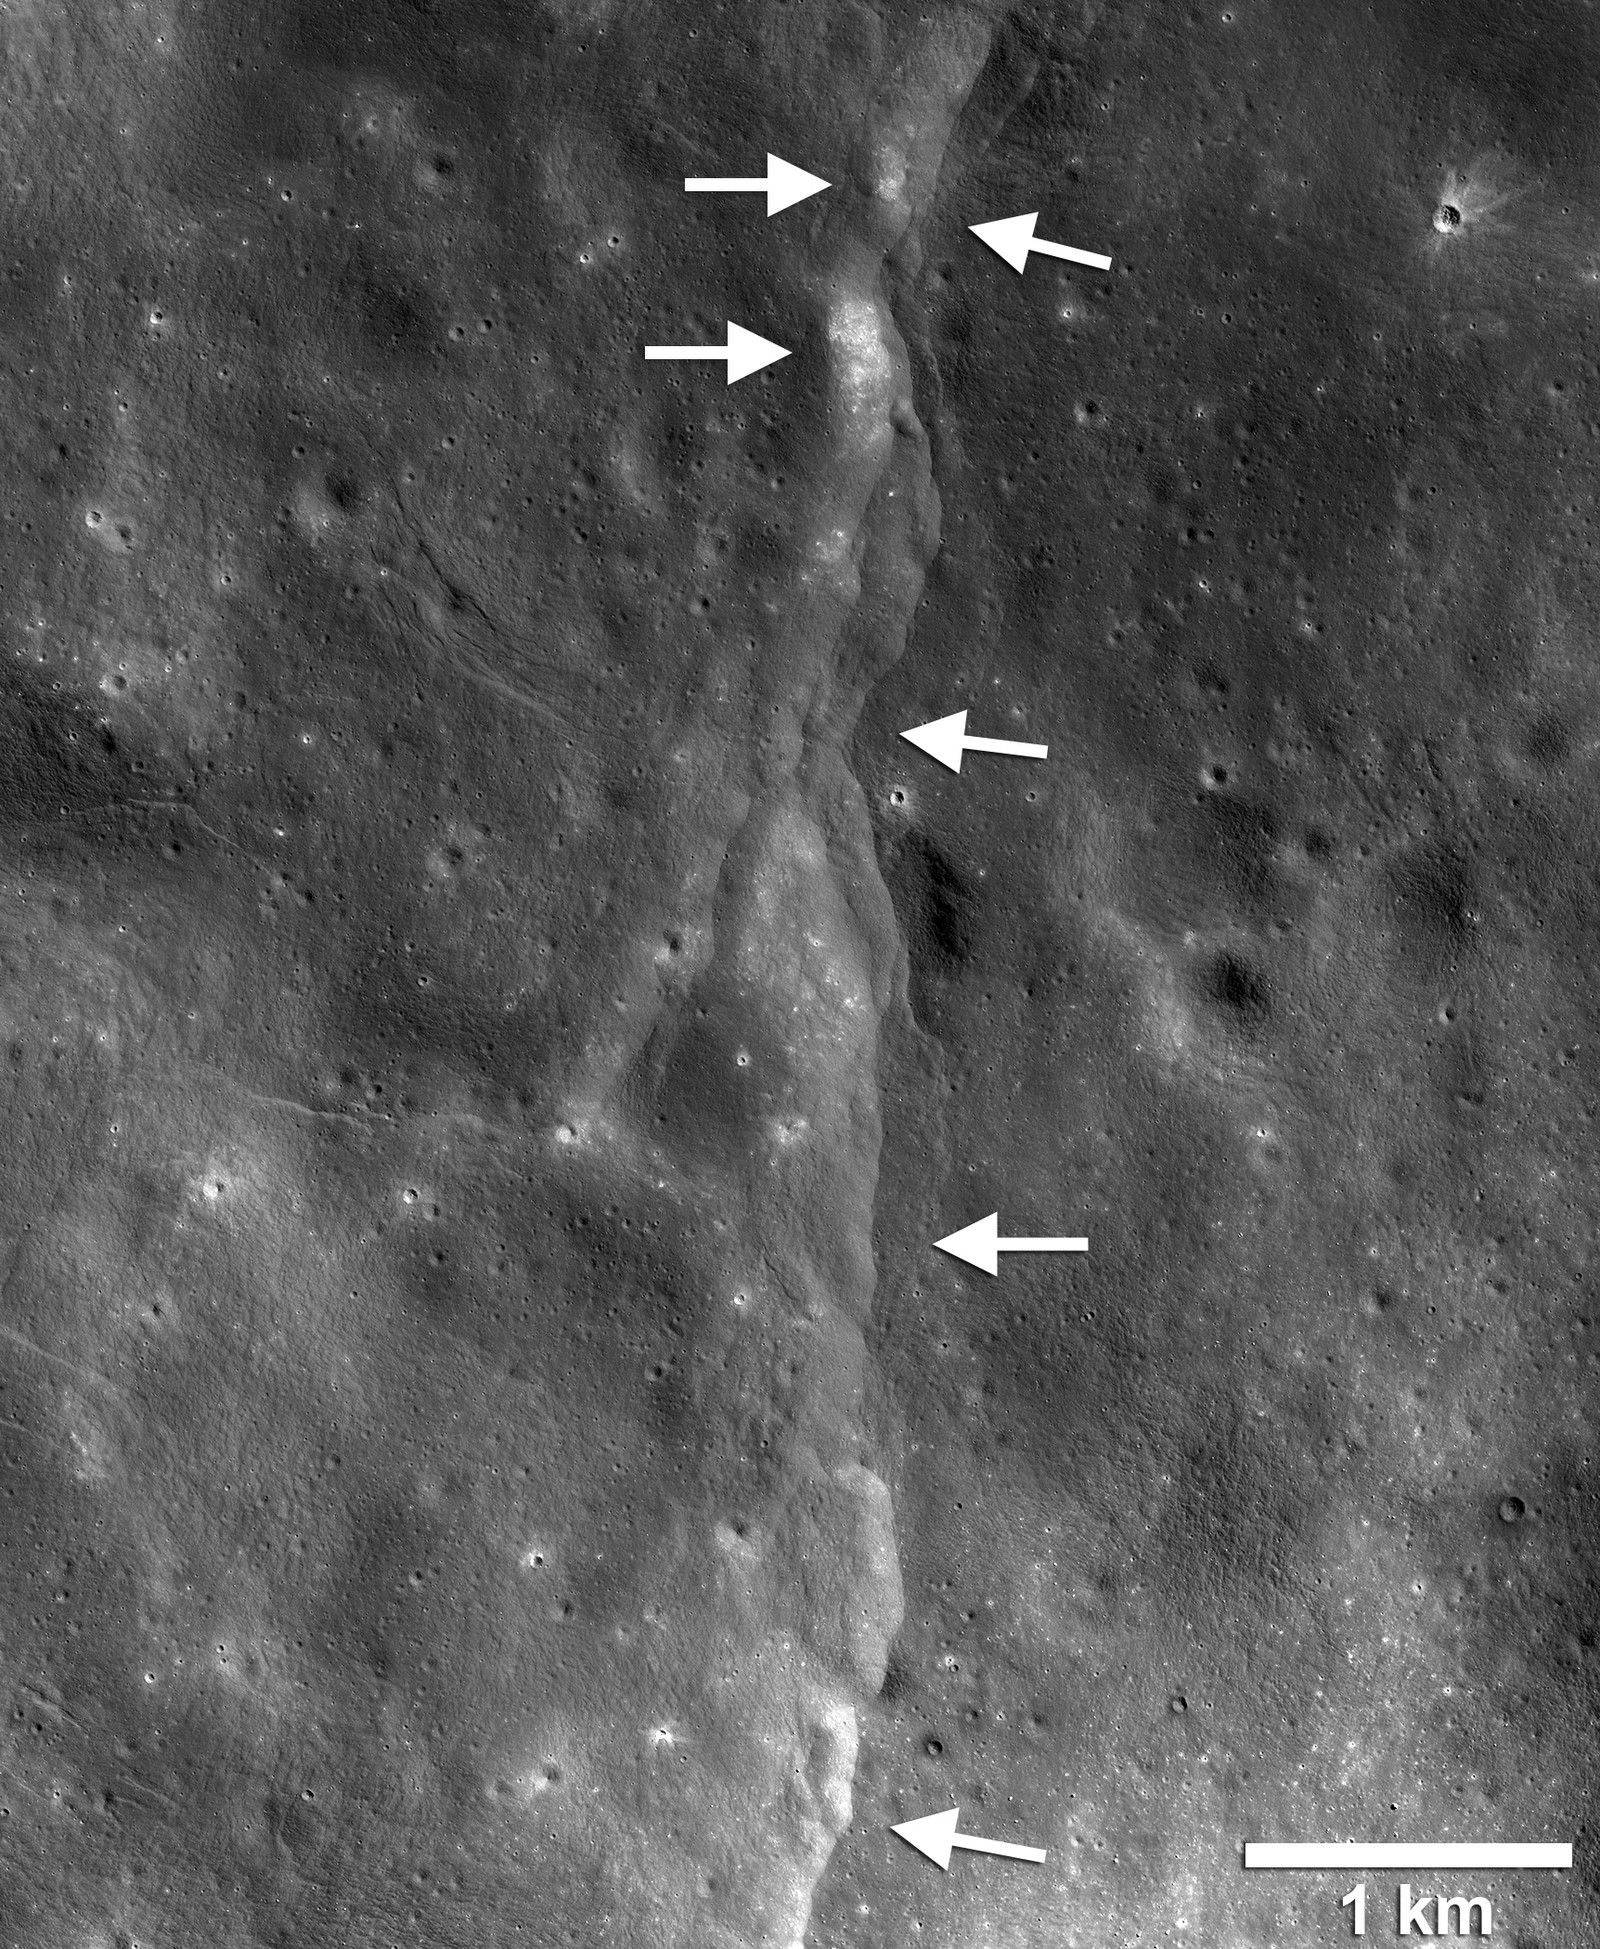 Esta proeminente escarpa de falha de impulso do lóbulo lunar é uma das milhares de imagens descobertas nas imagens Lunar Reconnaissance Orbiter Camera (LROC). A falha escarpada ou escarpada é como um degrau na paisagem lunar (setas brancas apontando para a esquerda) formadas quando a crosta próxima da superfície é empurrada, quebrada e empurrada para cima ao longo de uma falha quando a Lua se contrai. Campos de pedregulhos, trechos de solo relativamente alto e luminoso ou regolito, são encontrados na face escarpada e no terreno escarpado (lado alto da escarpa, setas apontando para a direita). Imagem LROC NAC quadro M190844037LR. — Foto: NASA/GSFC/Universidade Estadual do Arizona/Smithsonian